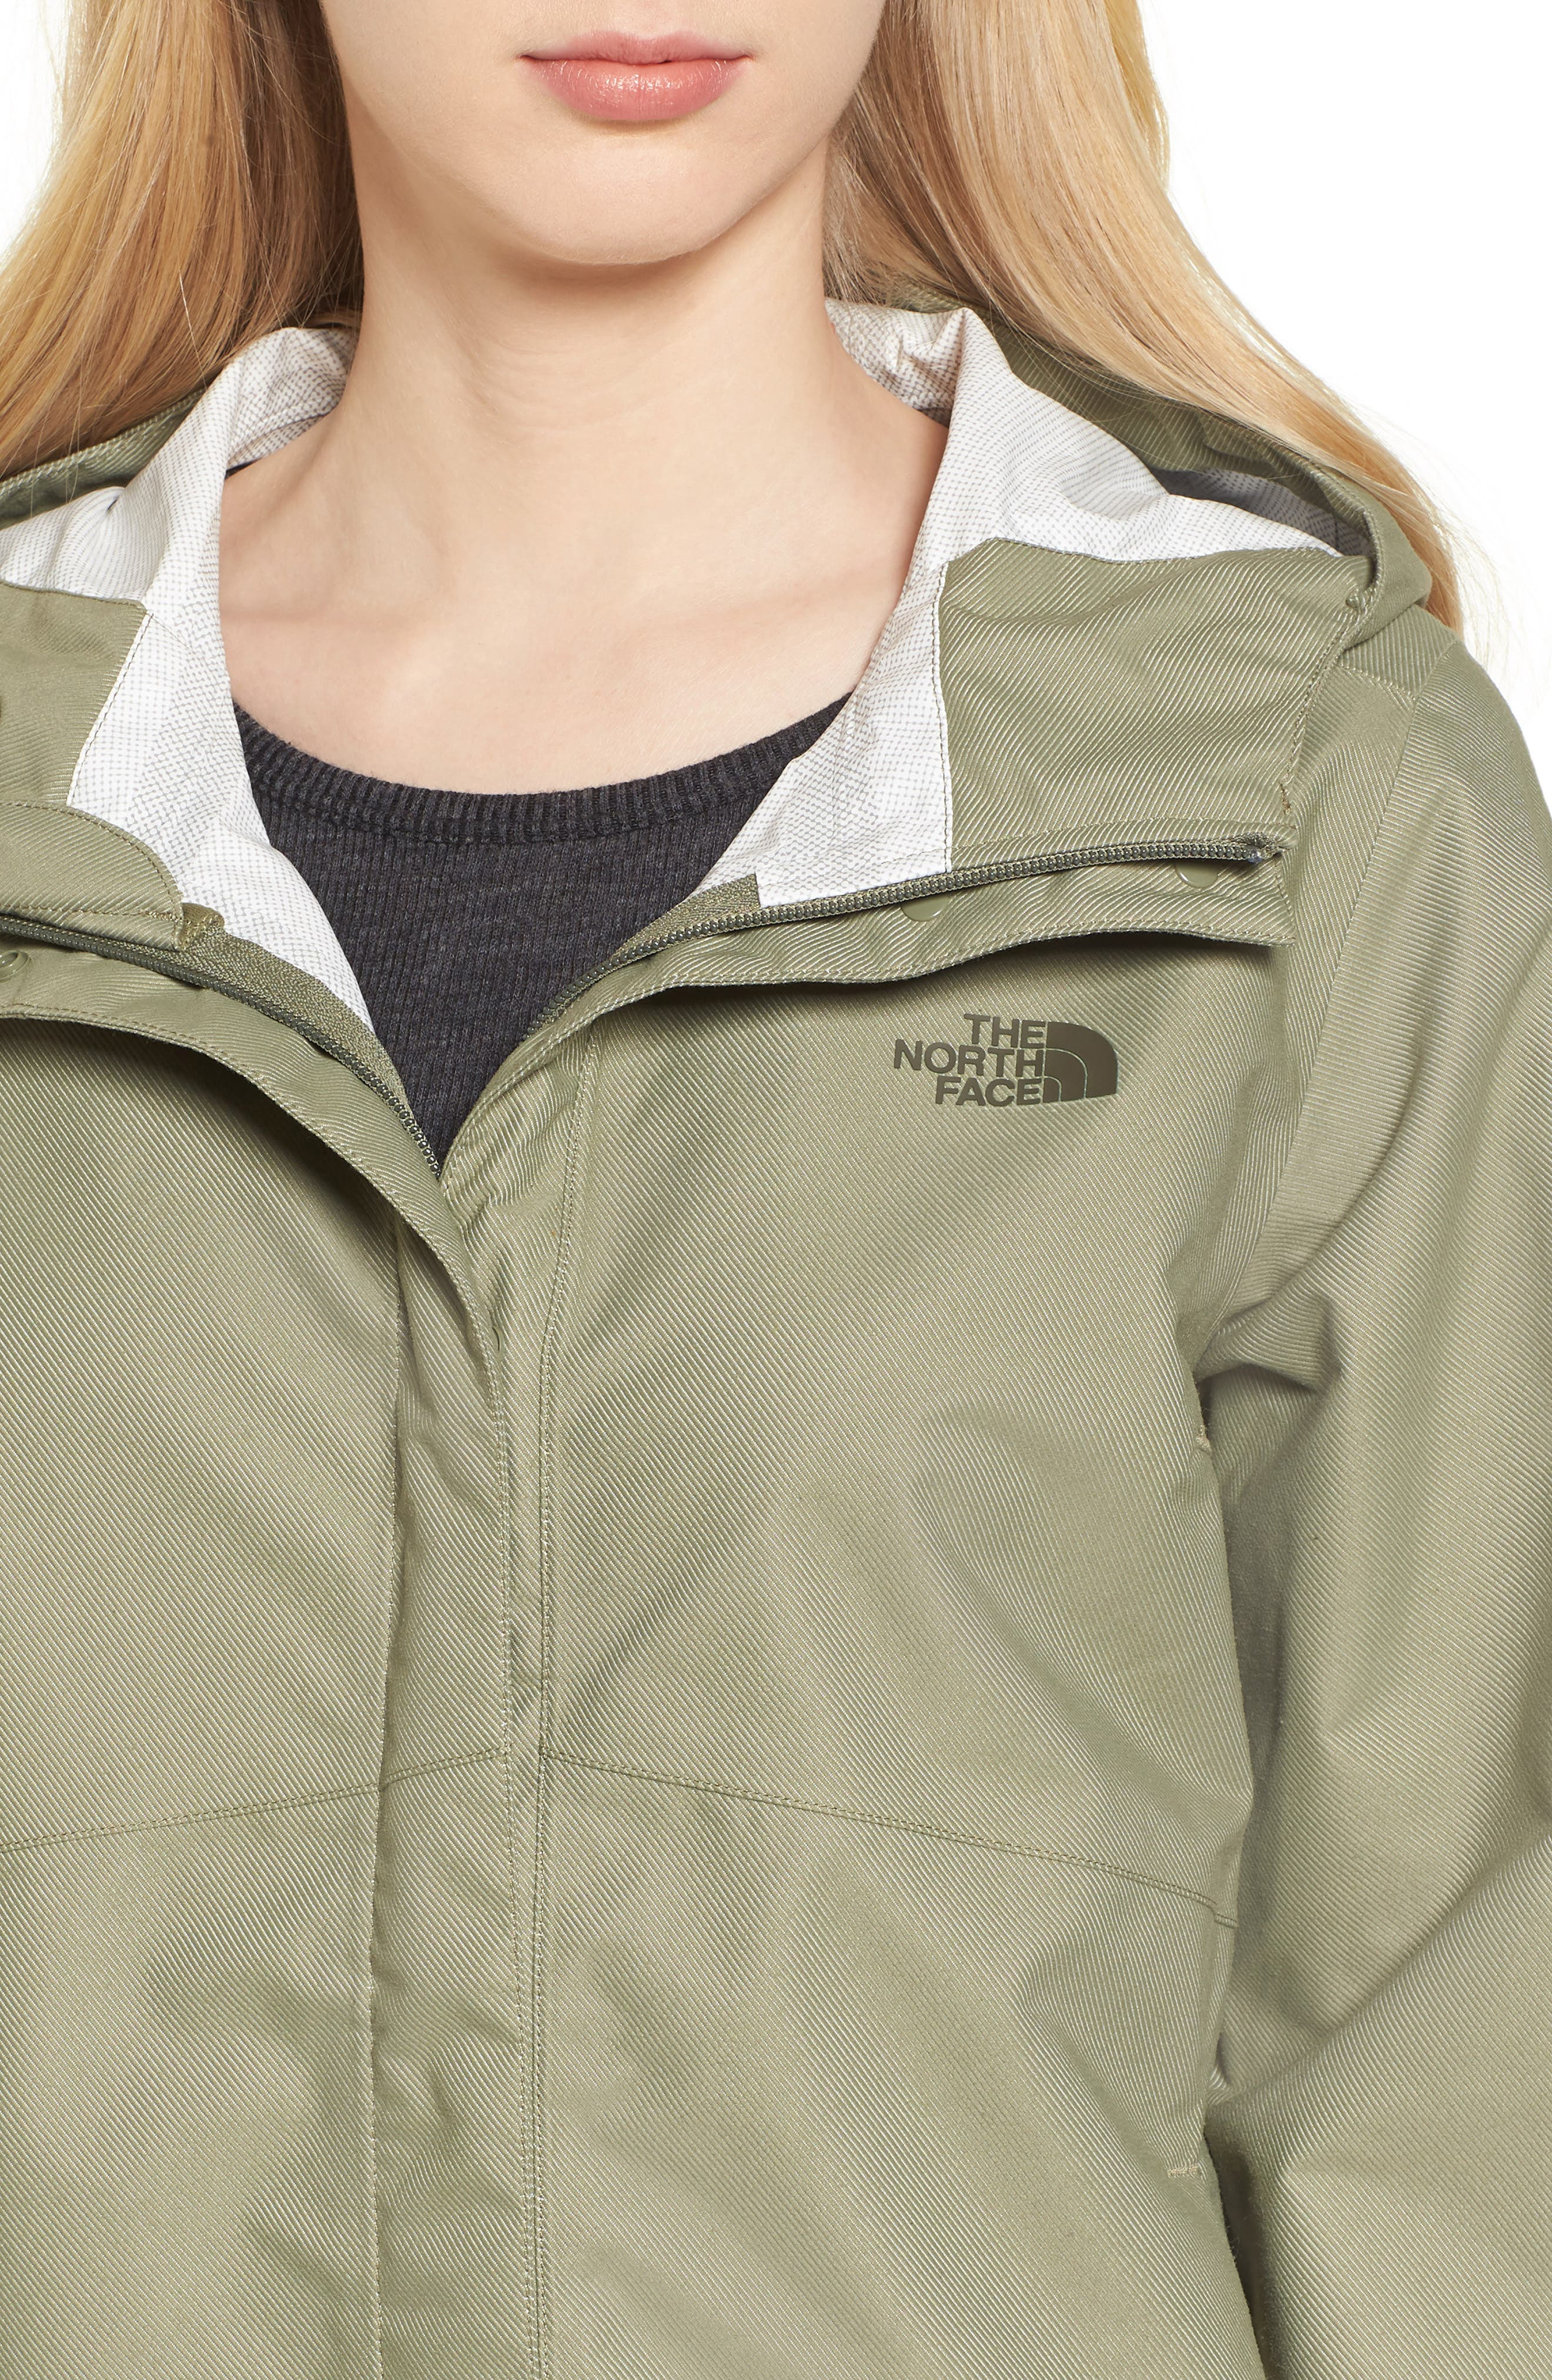 Berrien Waterproof Jacket,                             Alternate thumbnail 4, color,                             301